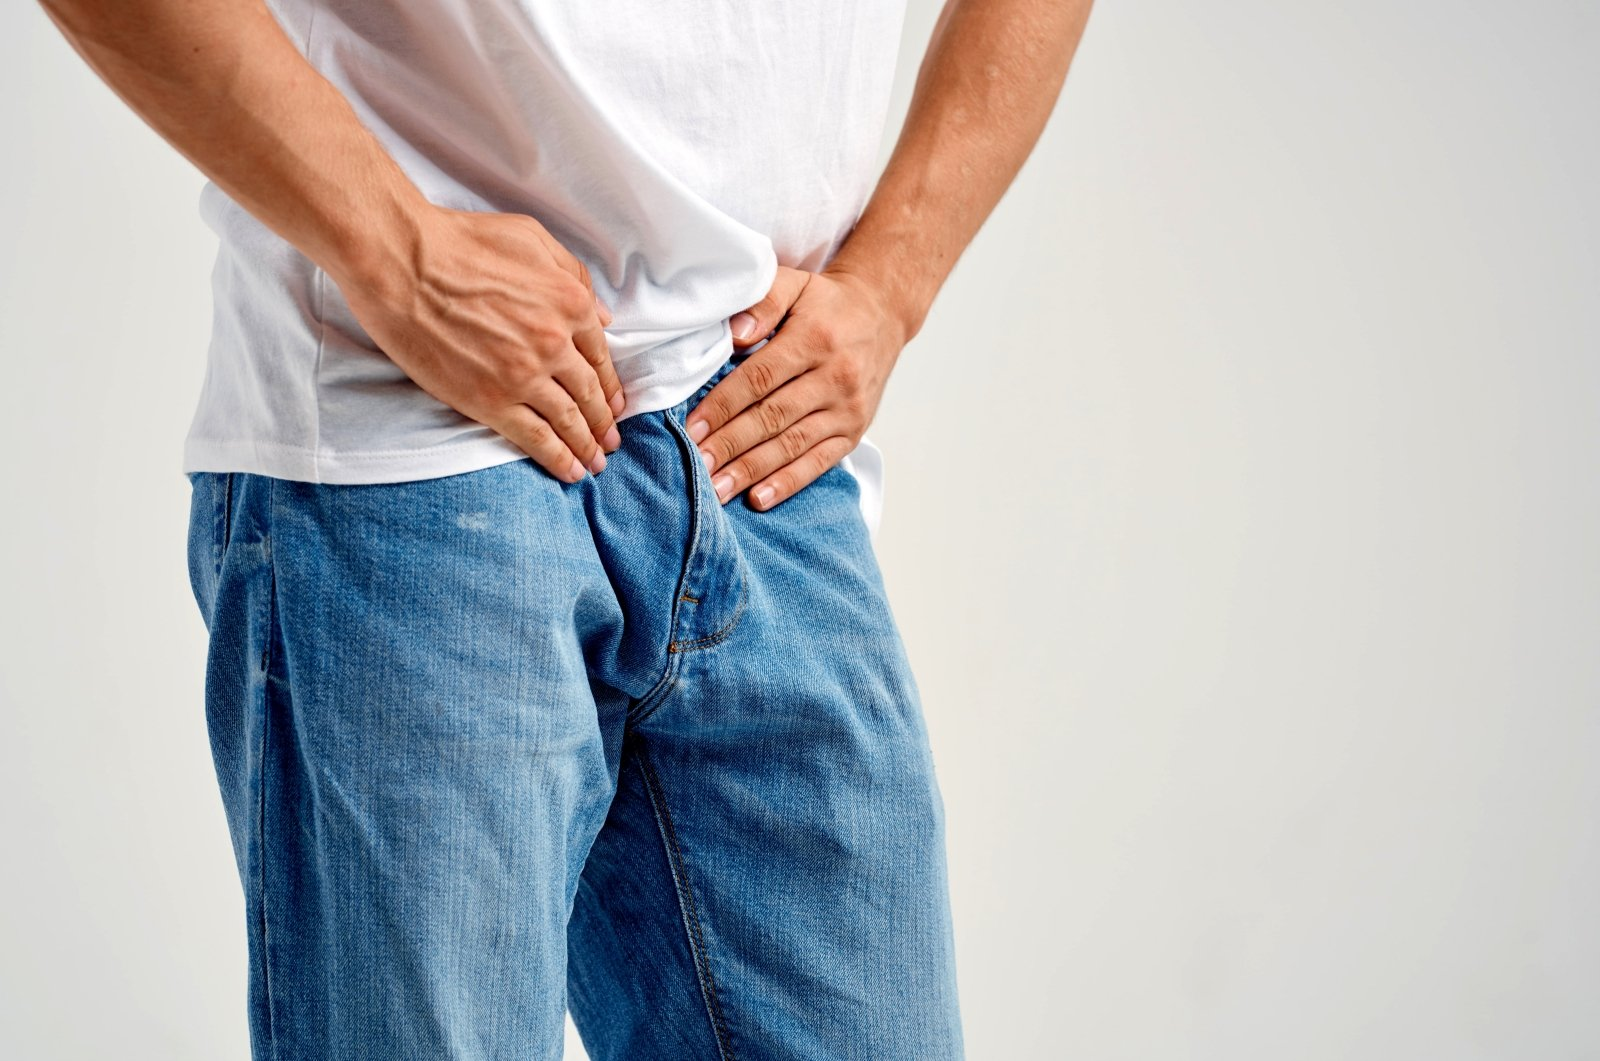 gydymas prostatitu ir erekcijos stoka